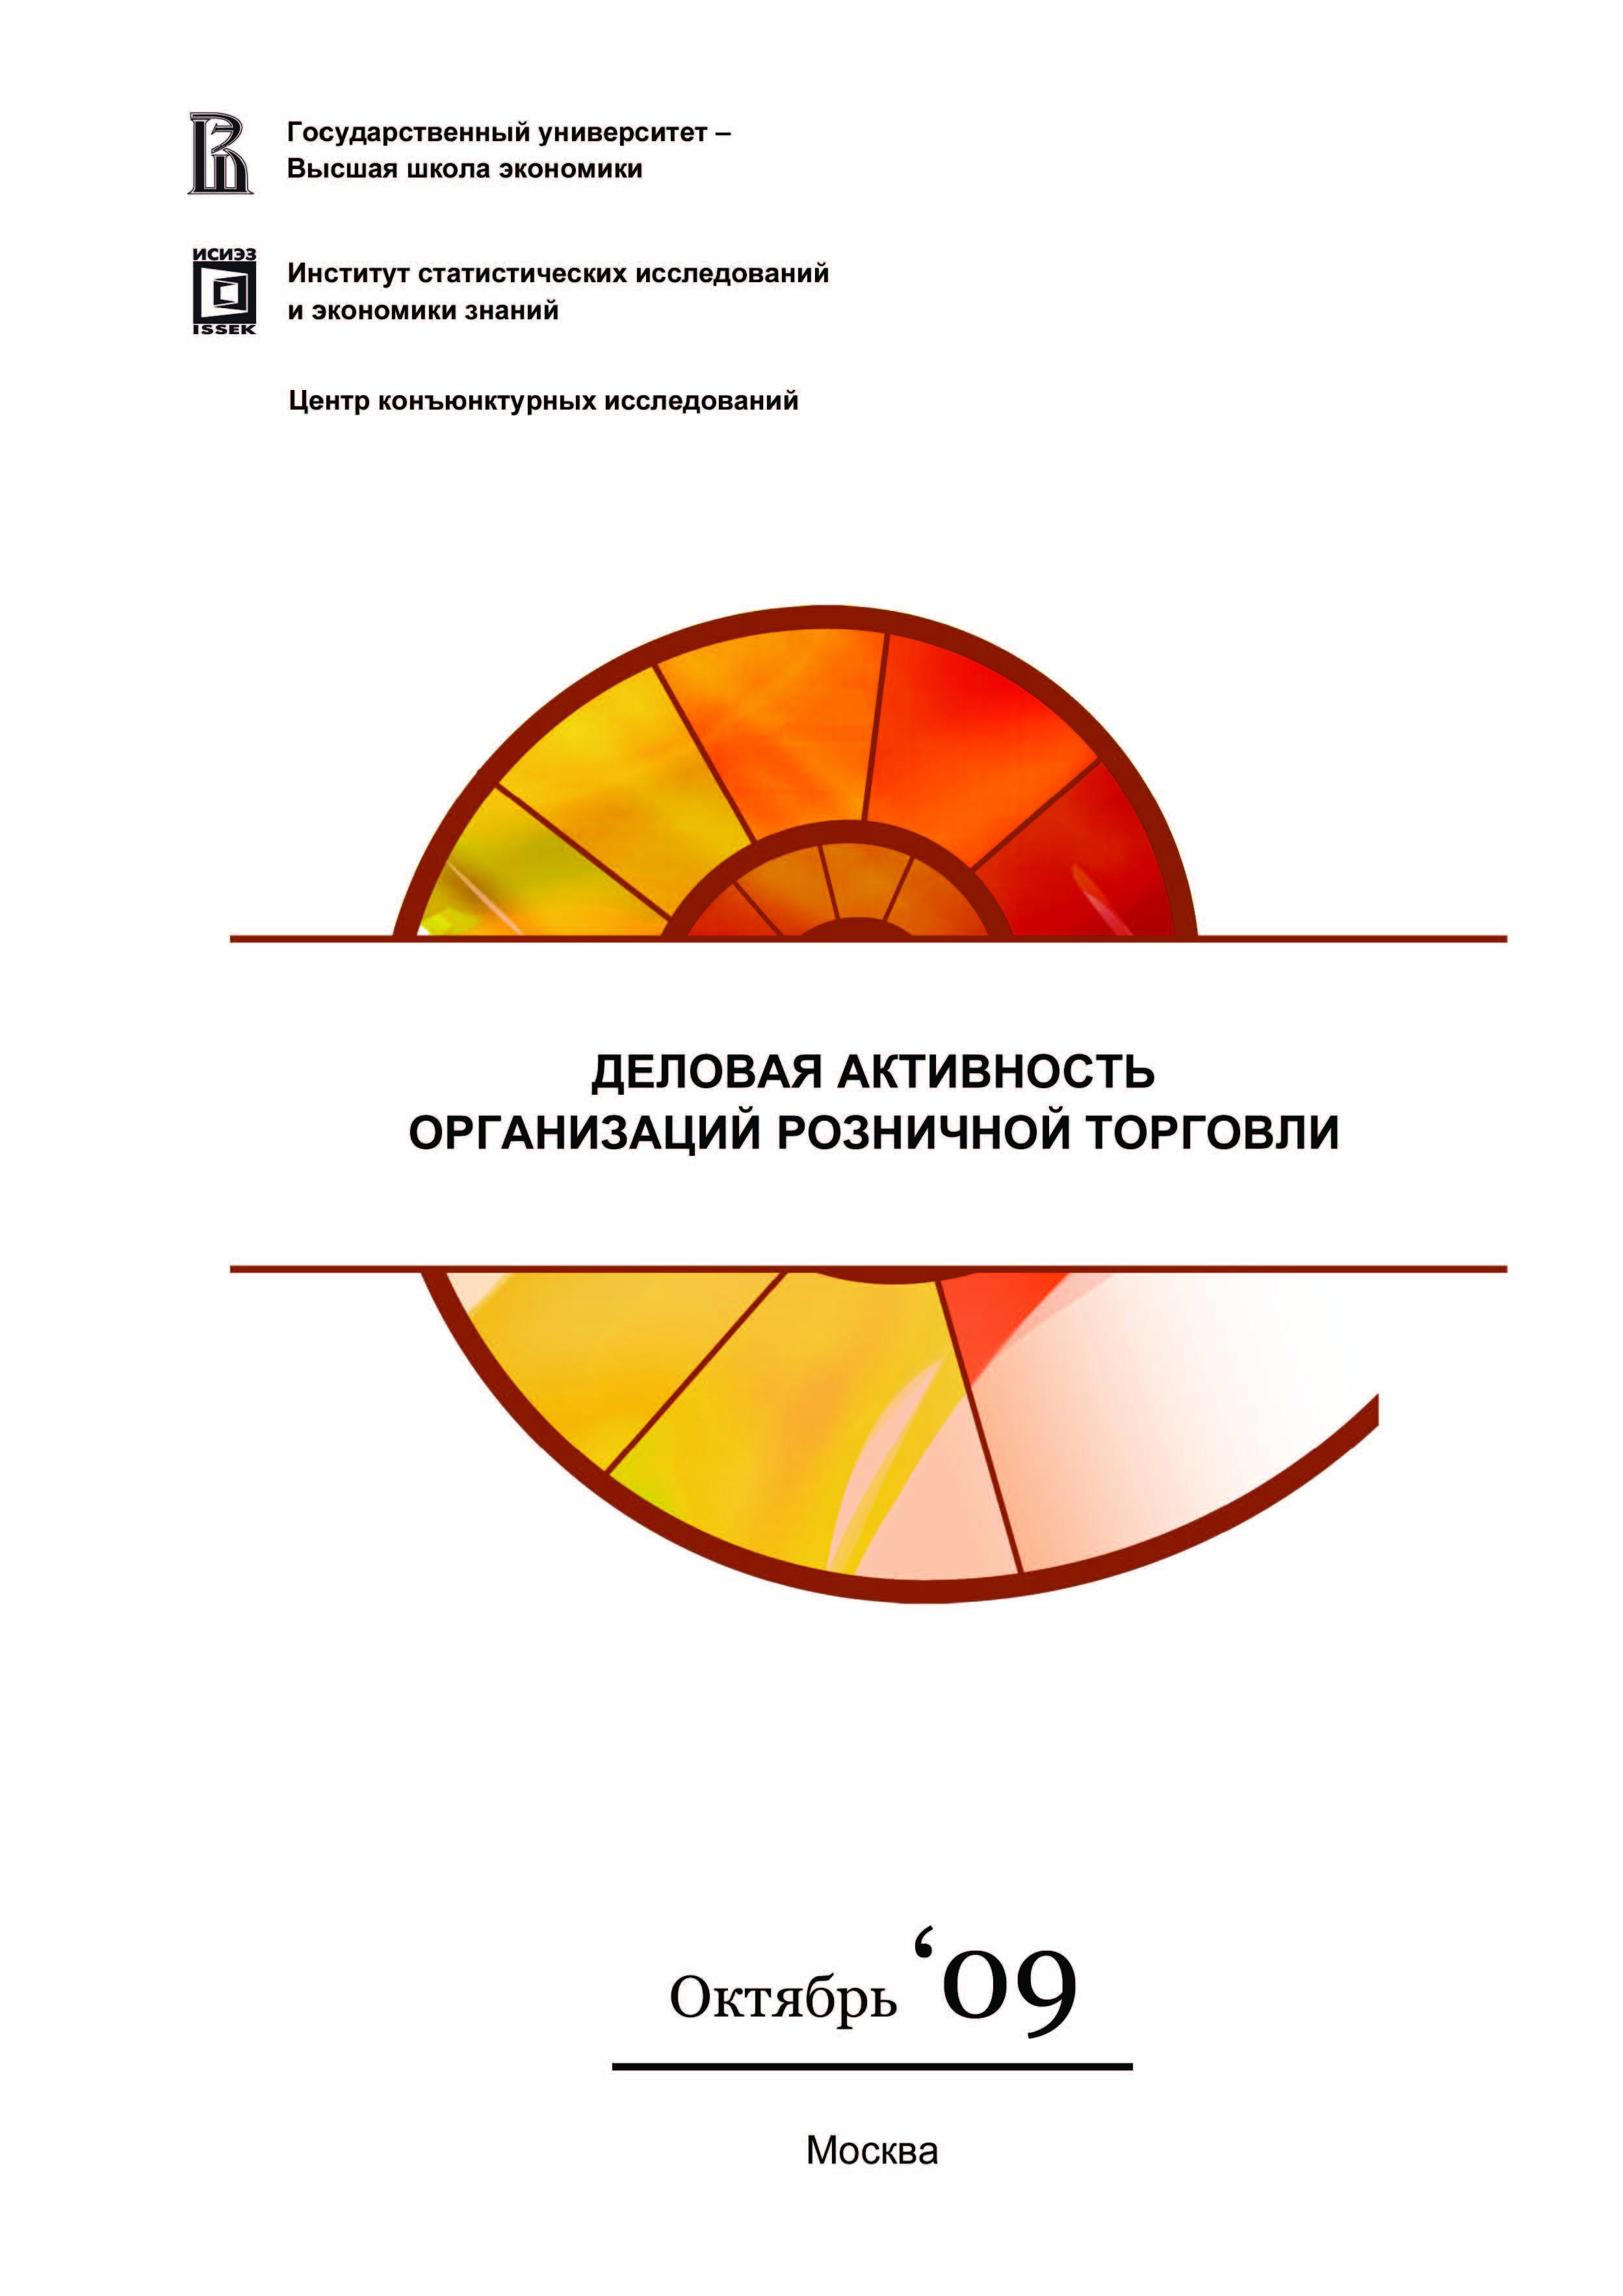 Деловой климат в розничной торговле в III квартале 2009 года